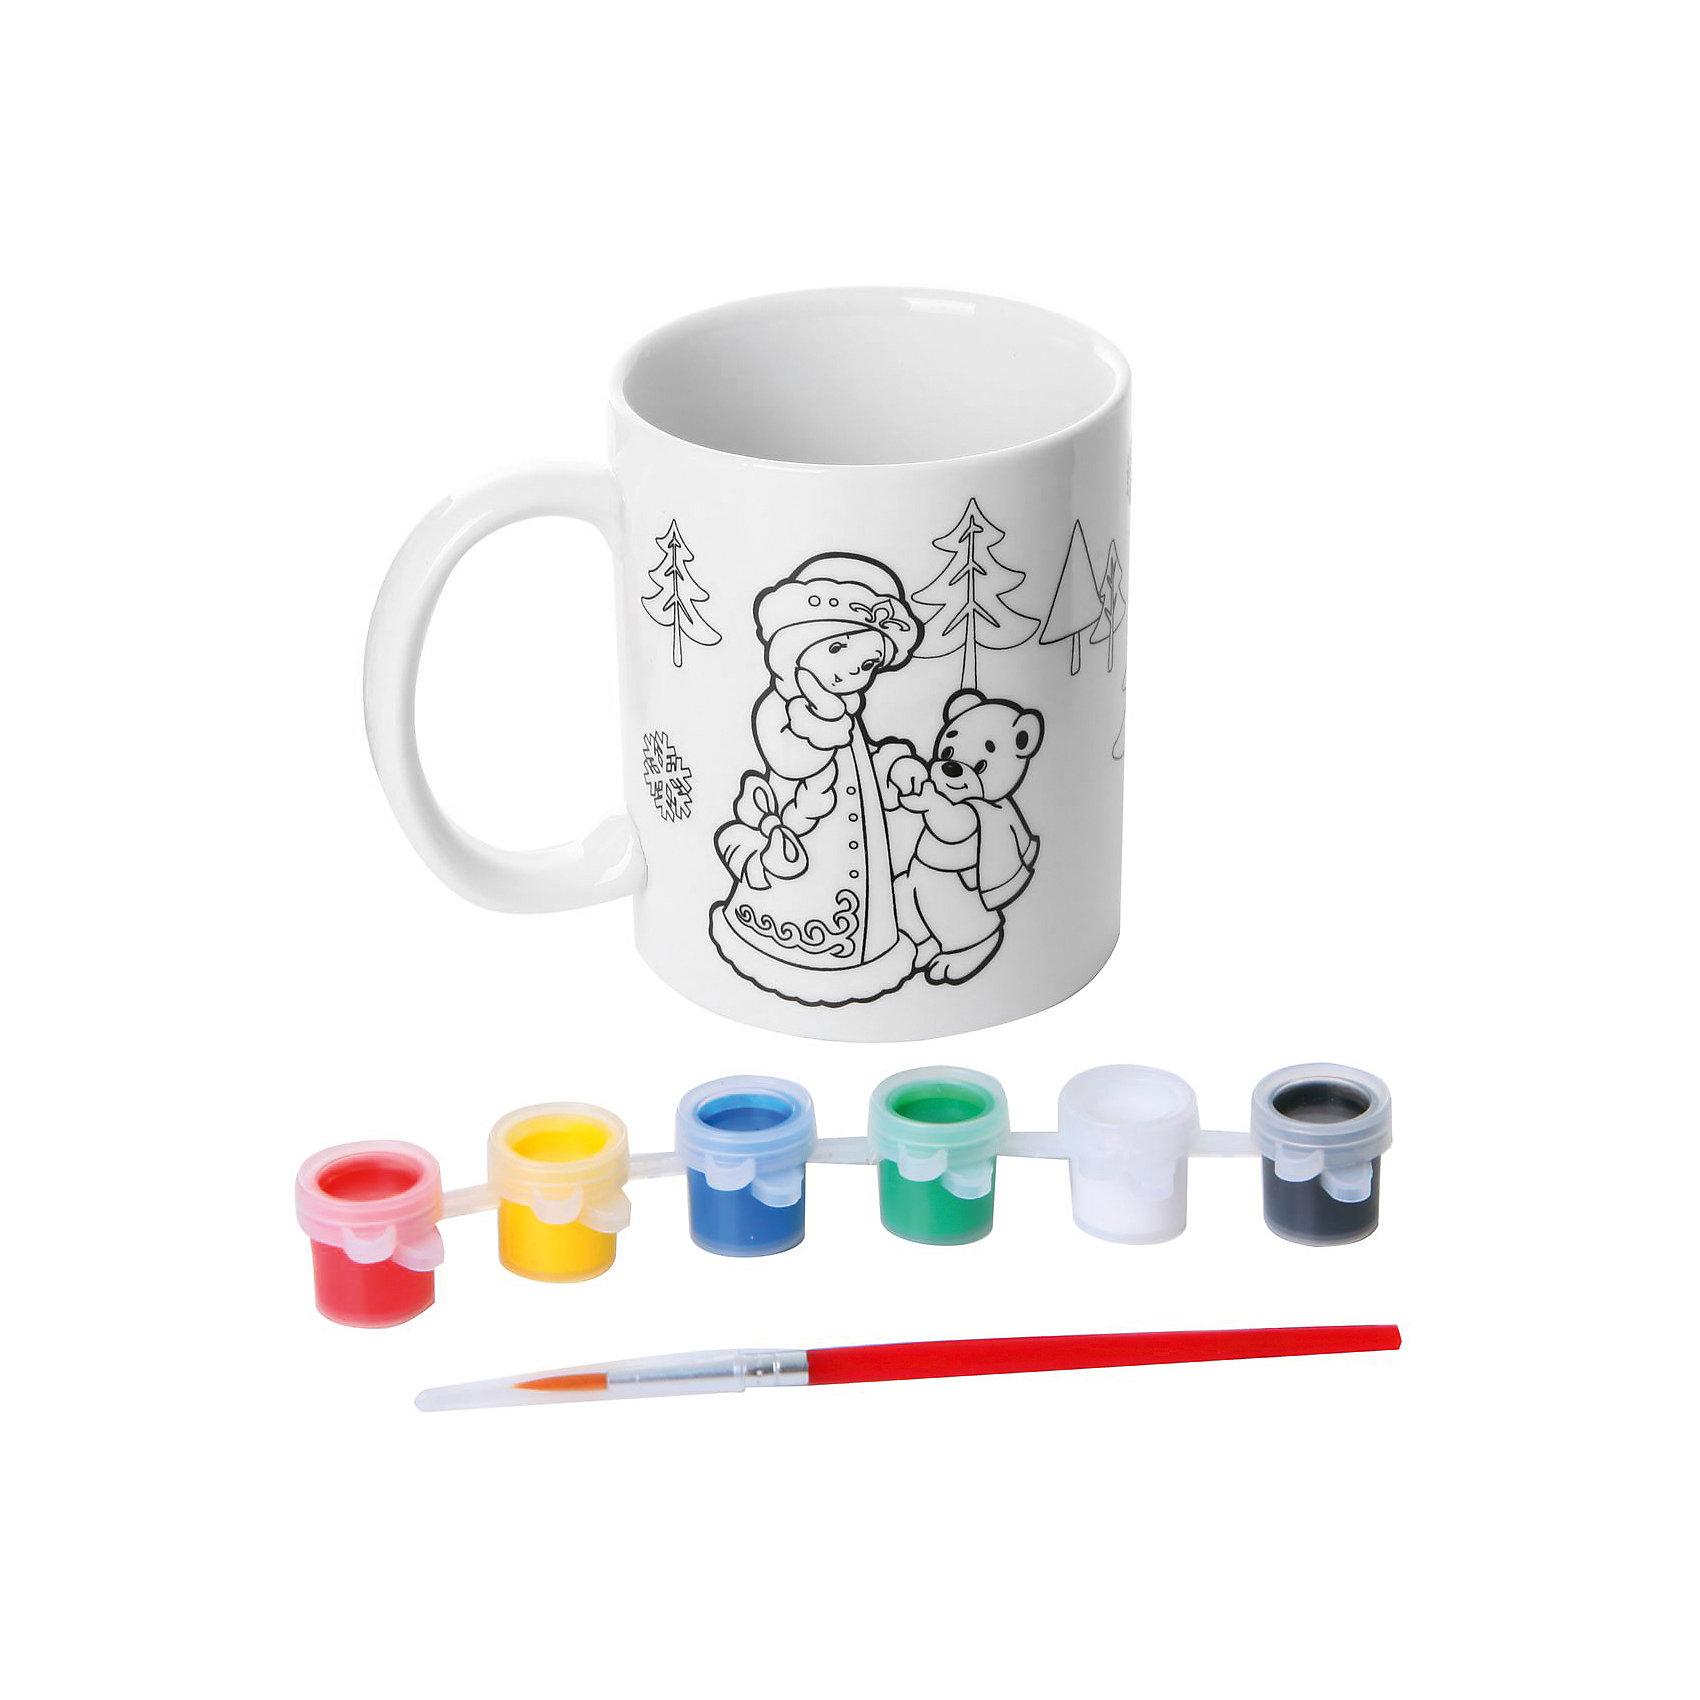 Набор для росписи кружки Снегурочка, BondibonНаборы для росписи<br>Набор для творчества Кружка с красками и кисточкой, Bondibon (Бондибон).<br><br>Характеристики:<br><br>• Материал: керамика, краски, текстиль.<br>• В набор входит: <br>- кружка для раскрашивания, <br>- краски 6 цветов,<br>- кисточка, <br>- инструкция.<br><br>Создайте новогоднее настроение вместе со своими детьми! Набор «Кружка» поможет вам провести творчески досуг и создаст праздничное настроение. В наборе керамическая кружка, которую нужно раскрасить так, как вам подскажет фантазия. Раскрашивать изделия из керамики - очень интересно и увлекательно. Такая кружка, раскрашенная вручную, станет отличным подарком! Работа с таким набором помогает развить творческие способности, усидчивость, внимательность, самостоятельность, координацию движений.<br><br>Набор для творчества Кружка с красками и кисточкой, Bondibon (Бондибон), можно купить в нашем интернет – магазине.<br><br>Ширина мм: 102<br>Глубина мм: 100<br>Высота мм: 102<br>Вес г: 371<br>Возраст от месяцев: 60<br>Возраст до месяцев: 1188<br>Пол: Унисекс<br>Возраст: Детский<br>SKU: 5124533